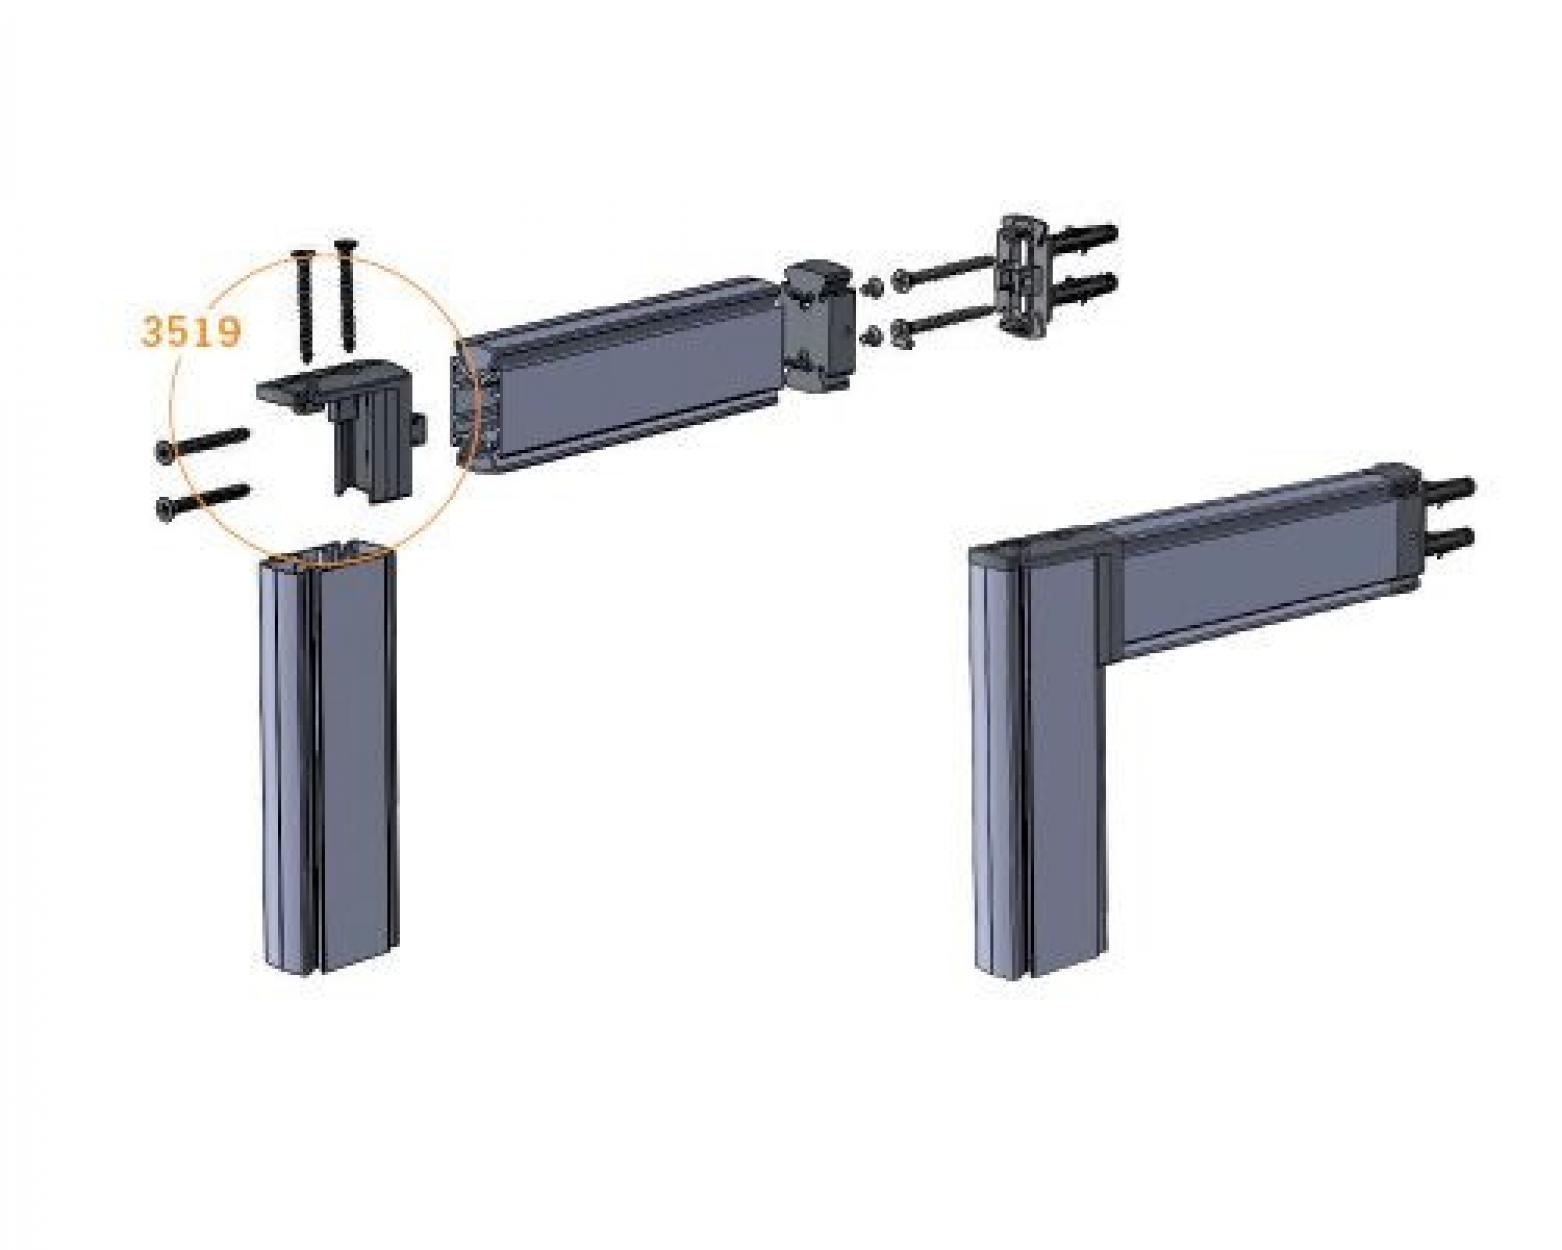 Stilos 3519 угловое соединение для профиля под углом 90 градусов